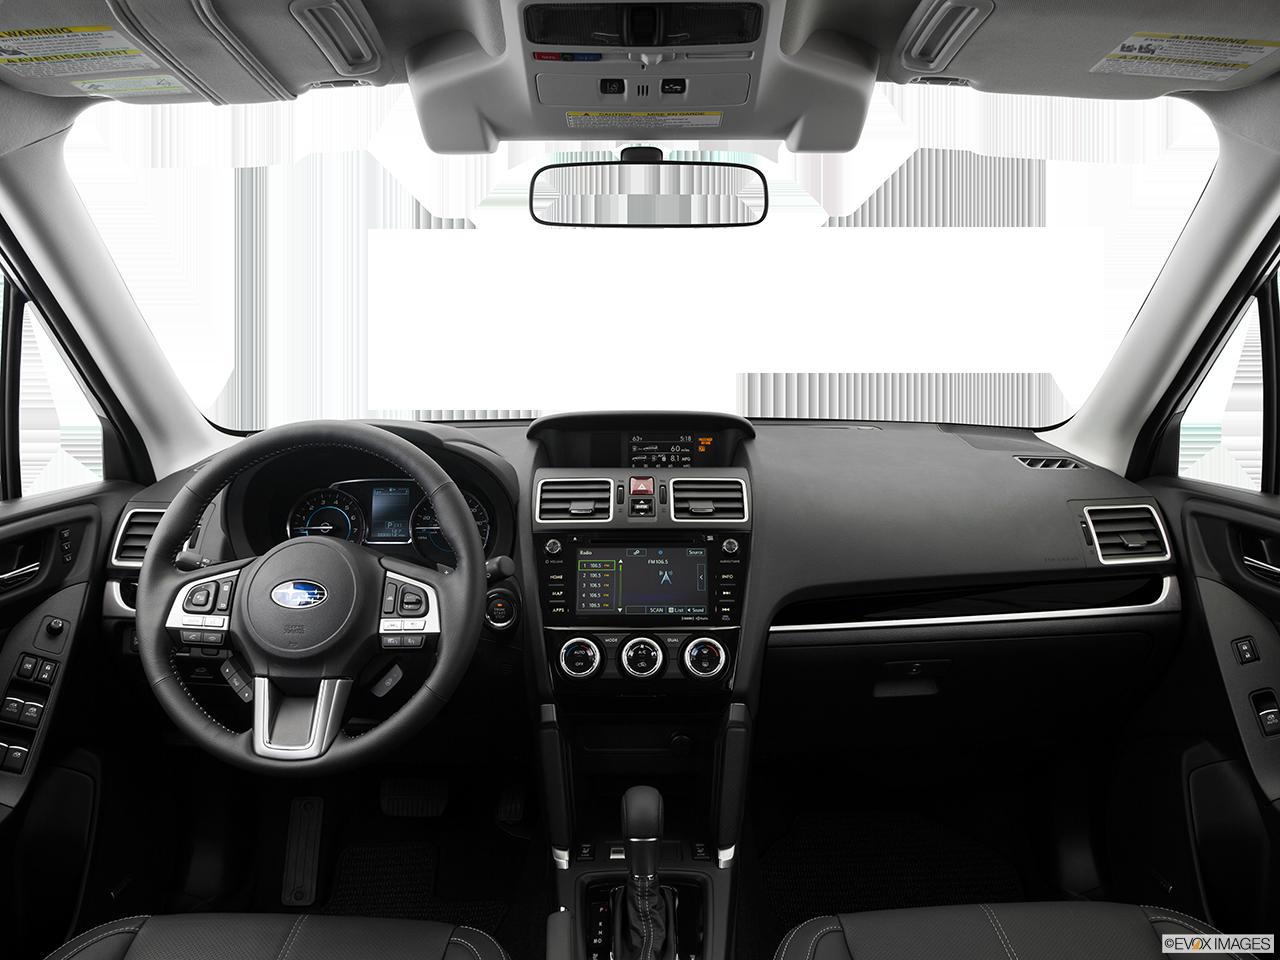 2017 Subaru Forester Dealer Serving Los Angeles Galpin Subaru